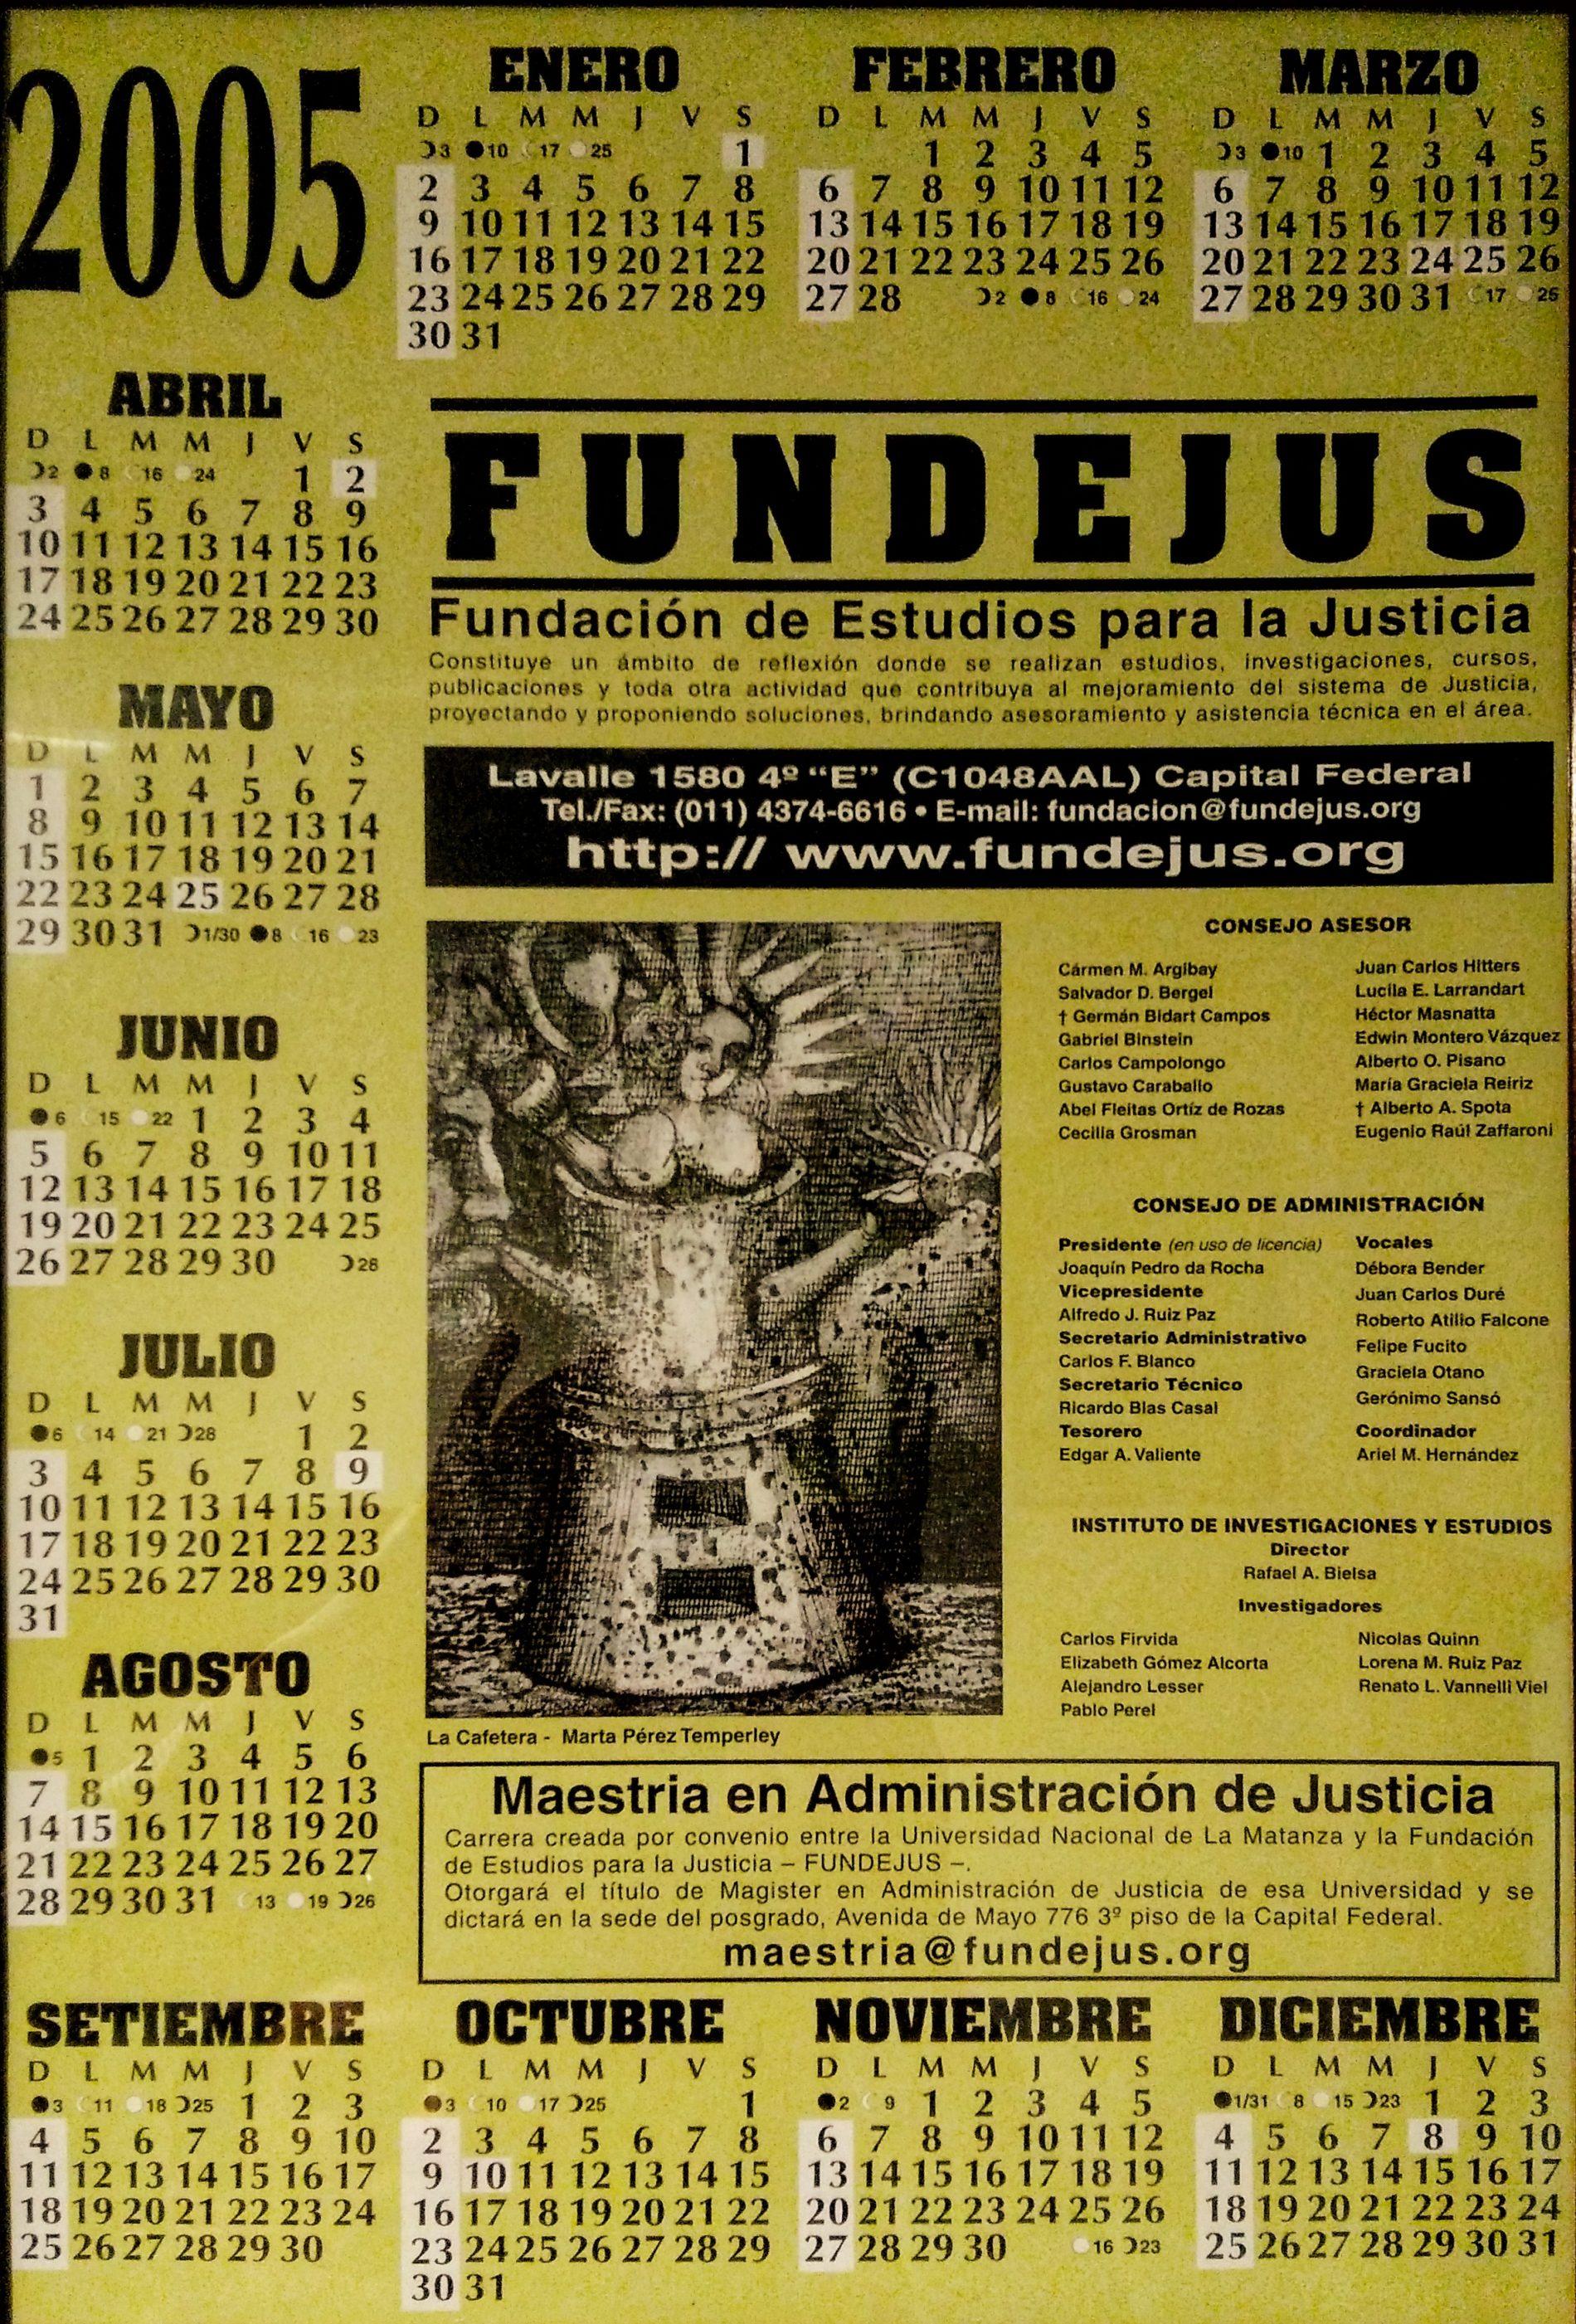 Almanaque 2005